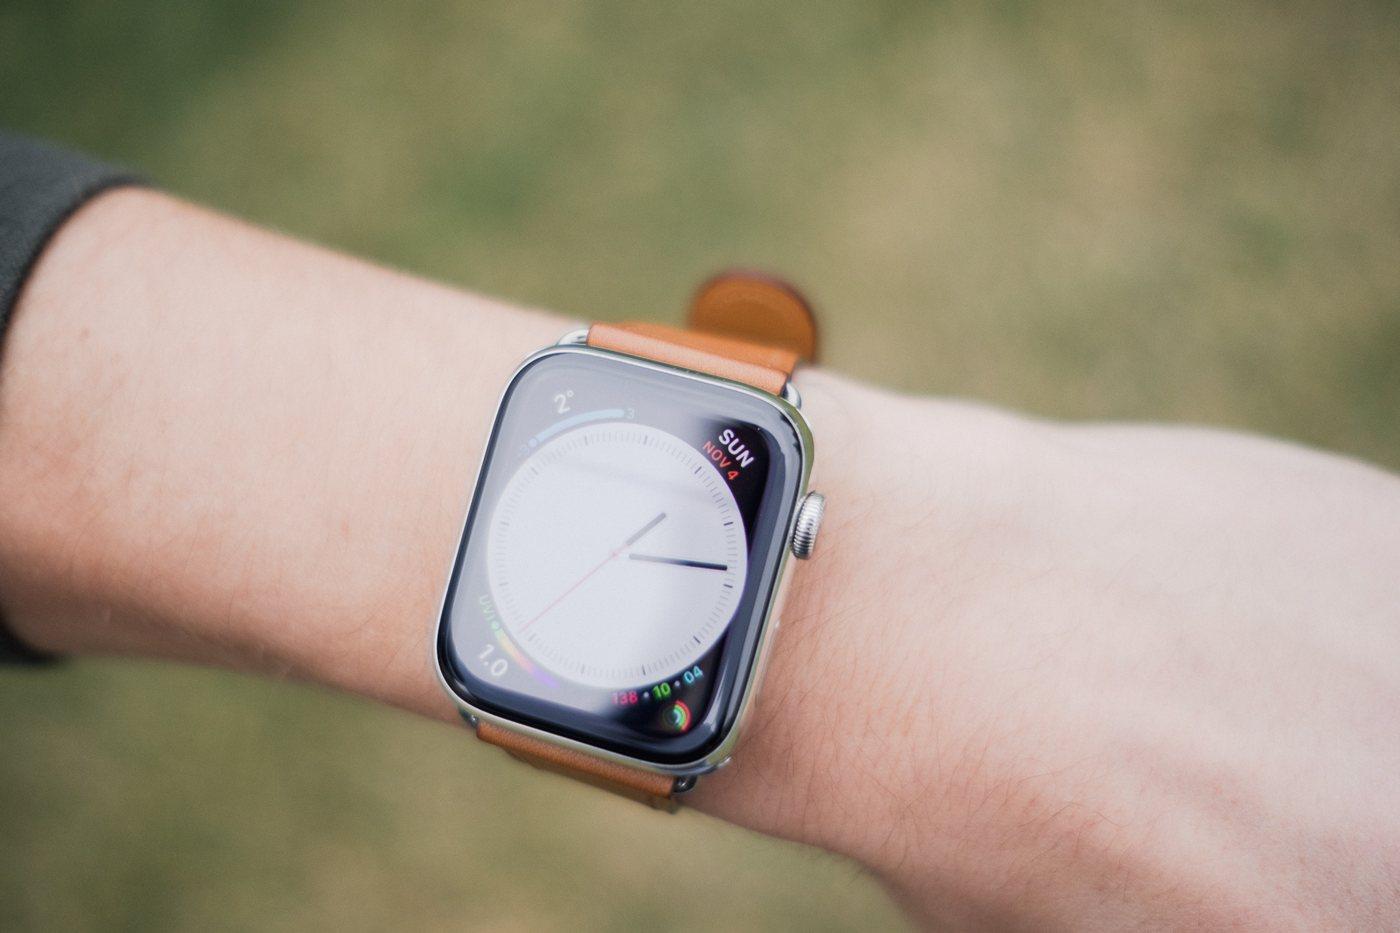 microsoft outlook apple watch app